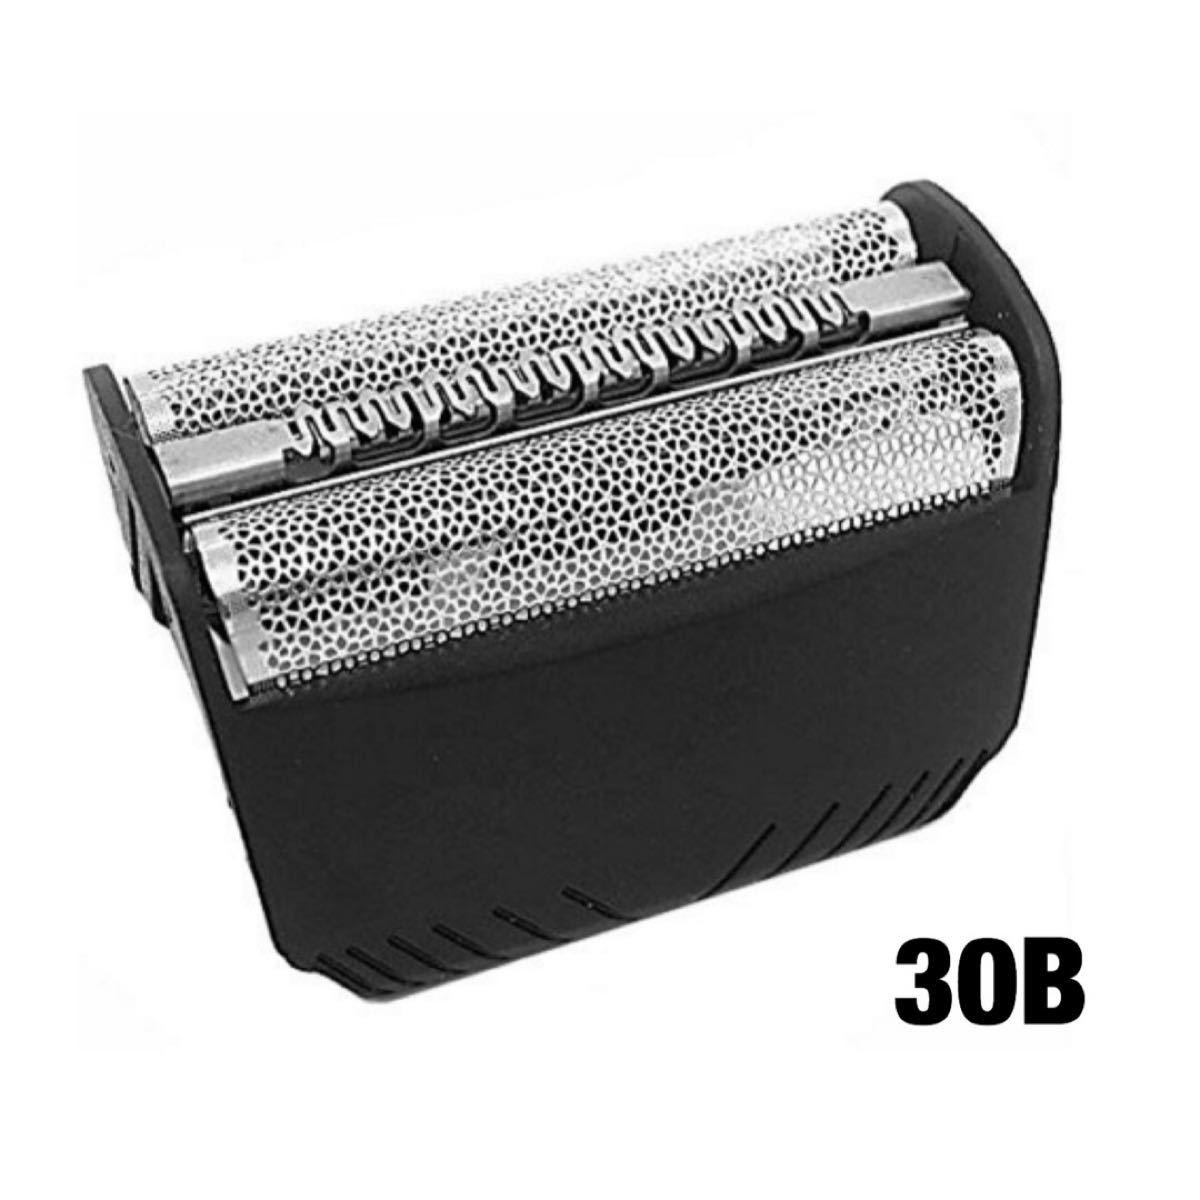 ブラウン  替刃 シリーズ3 30B (F/C30B) 互換品 網刃